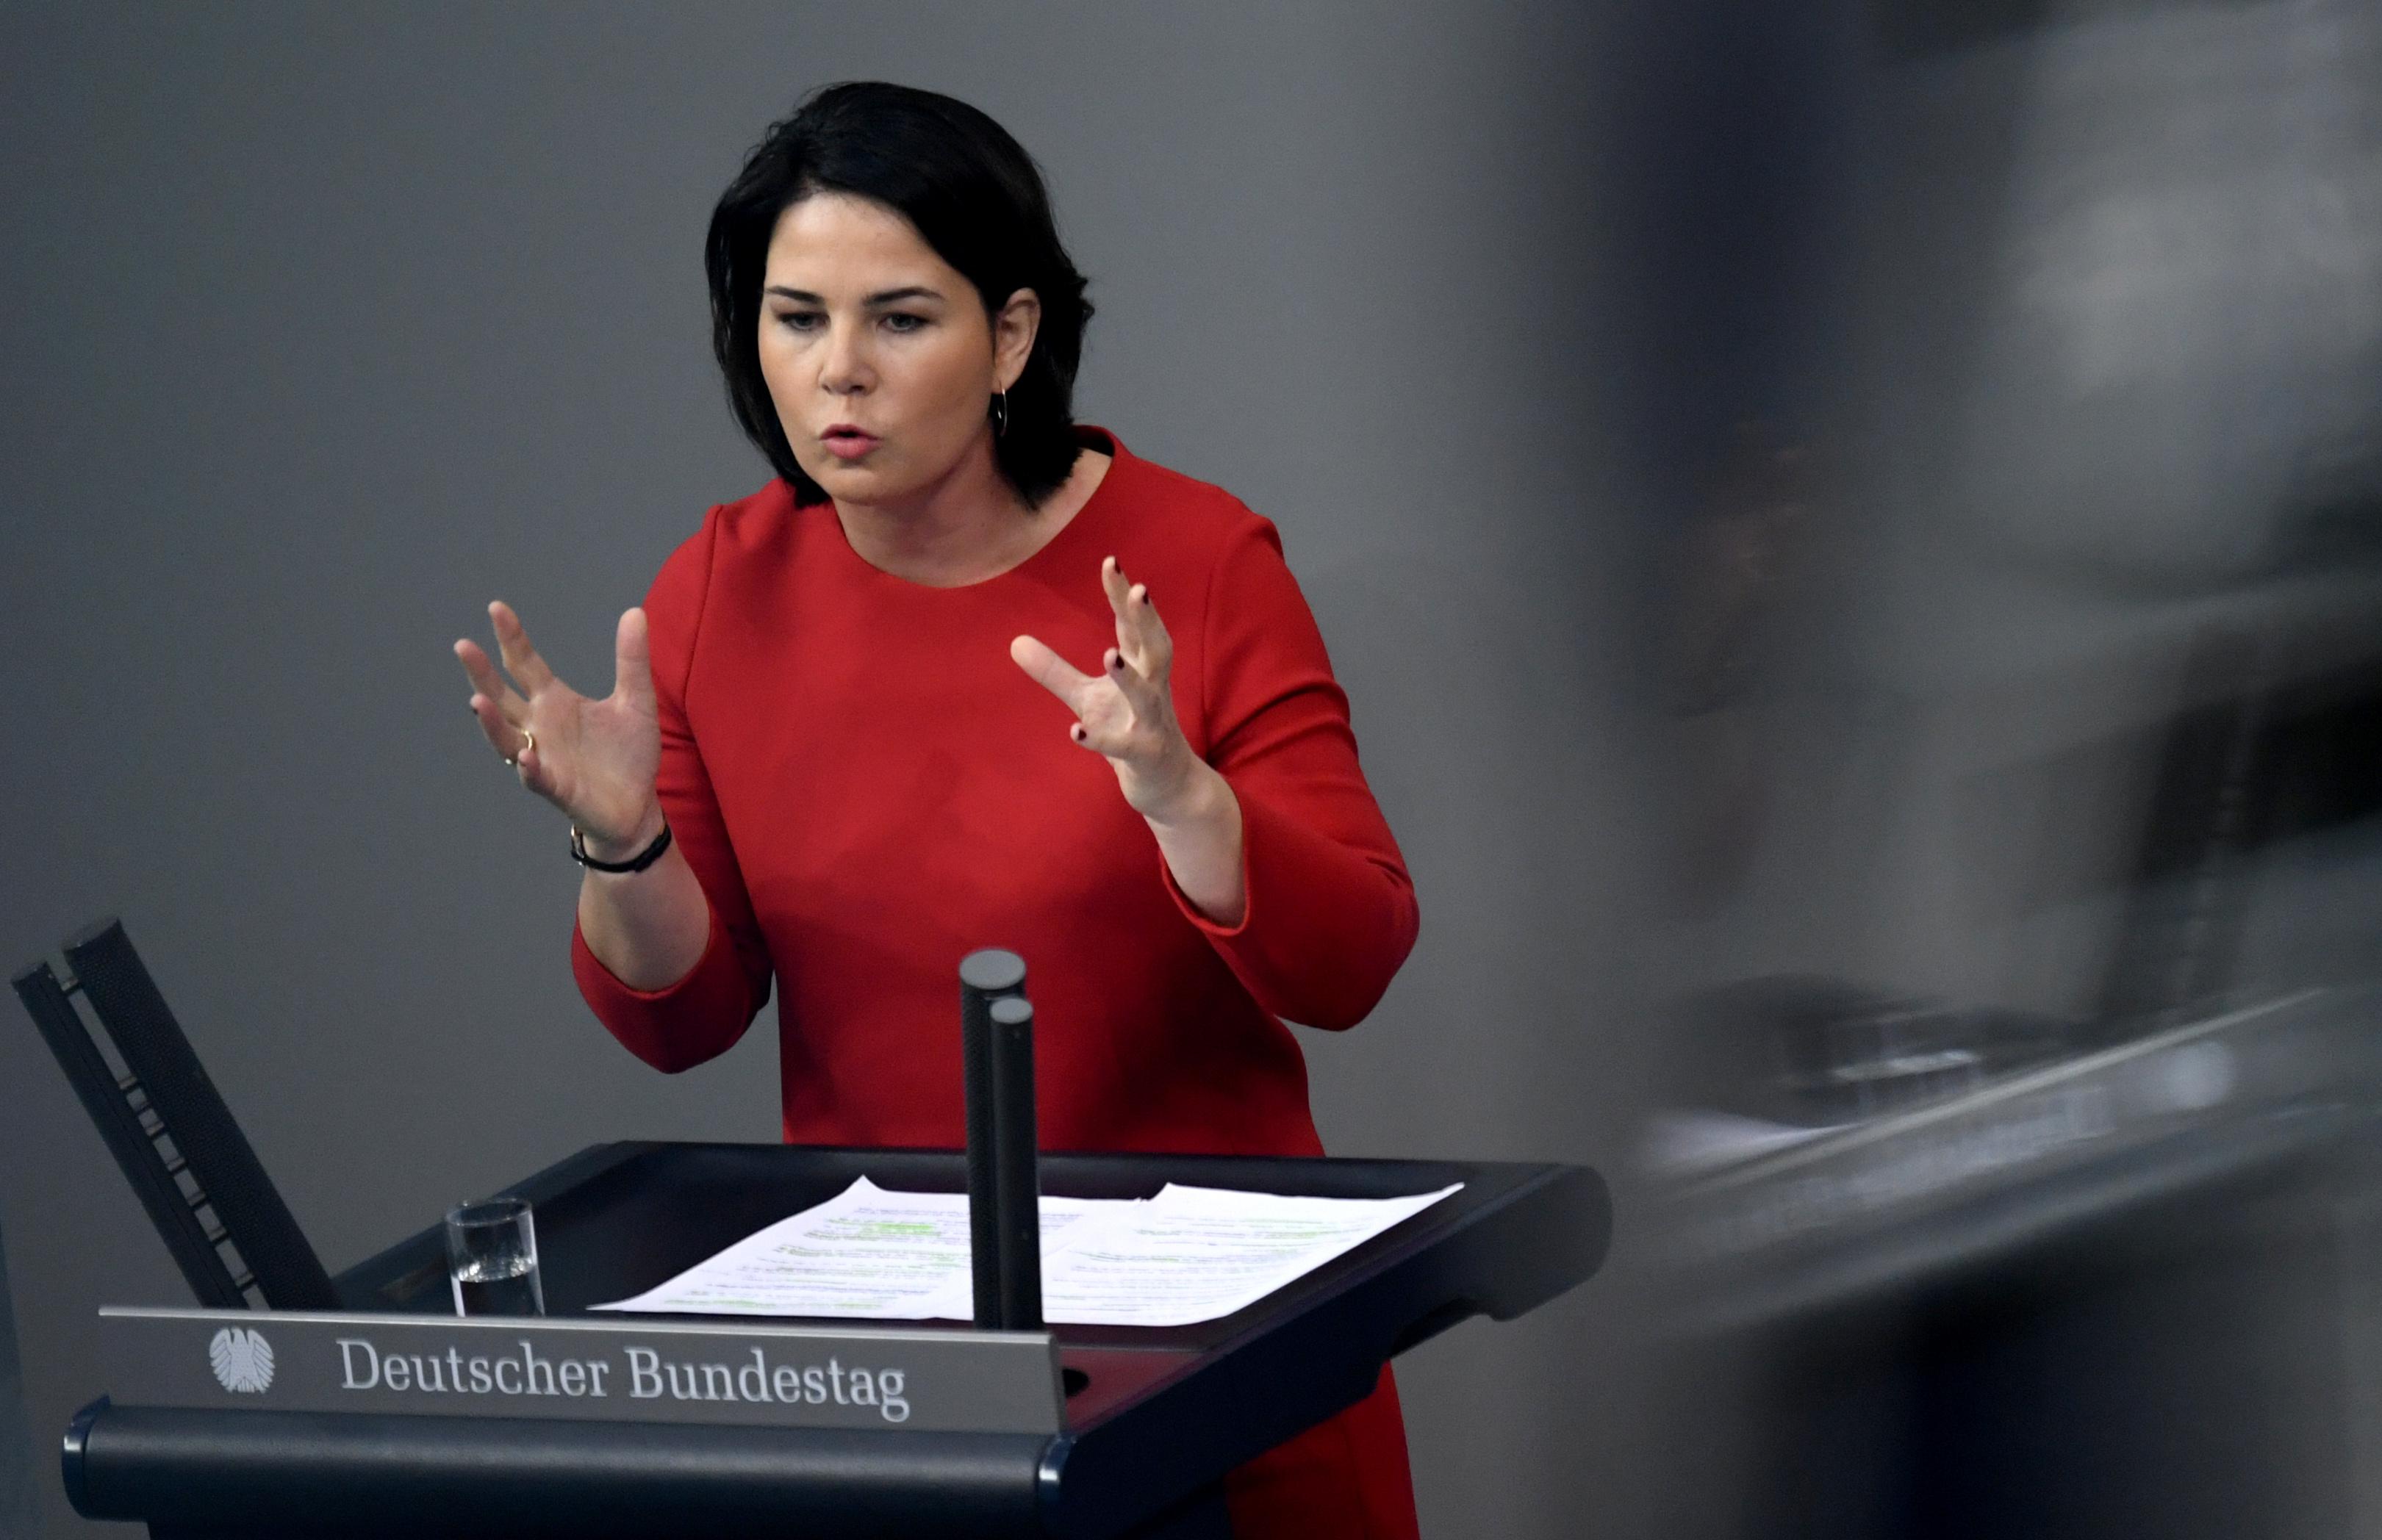 Γερμανία: Η Ελλάδα έπρεπε να προσκληθεί στη Διάσκεψη του Βερολίνου λένε οι Πράσινοι